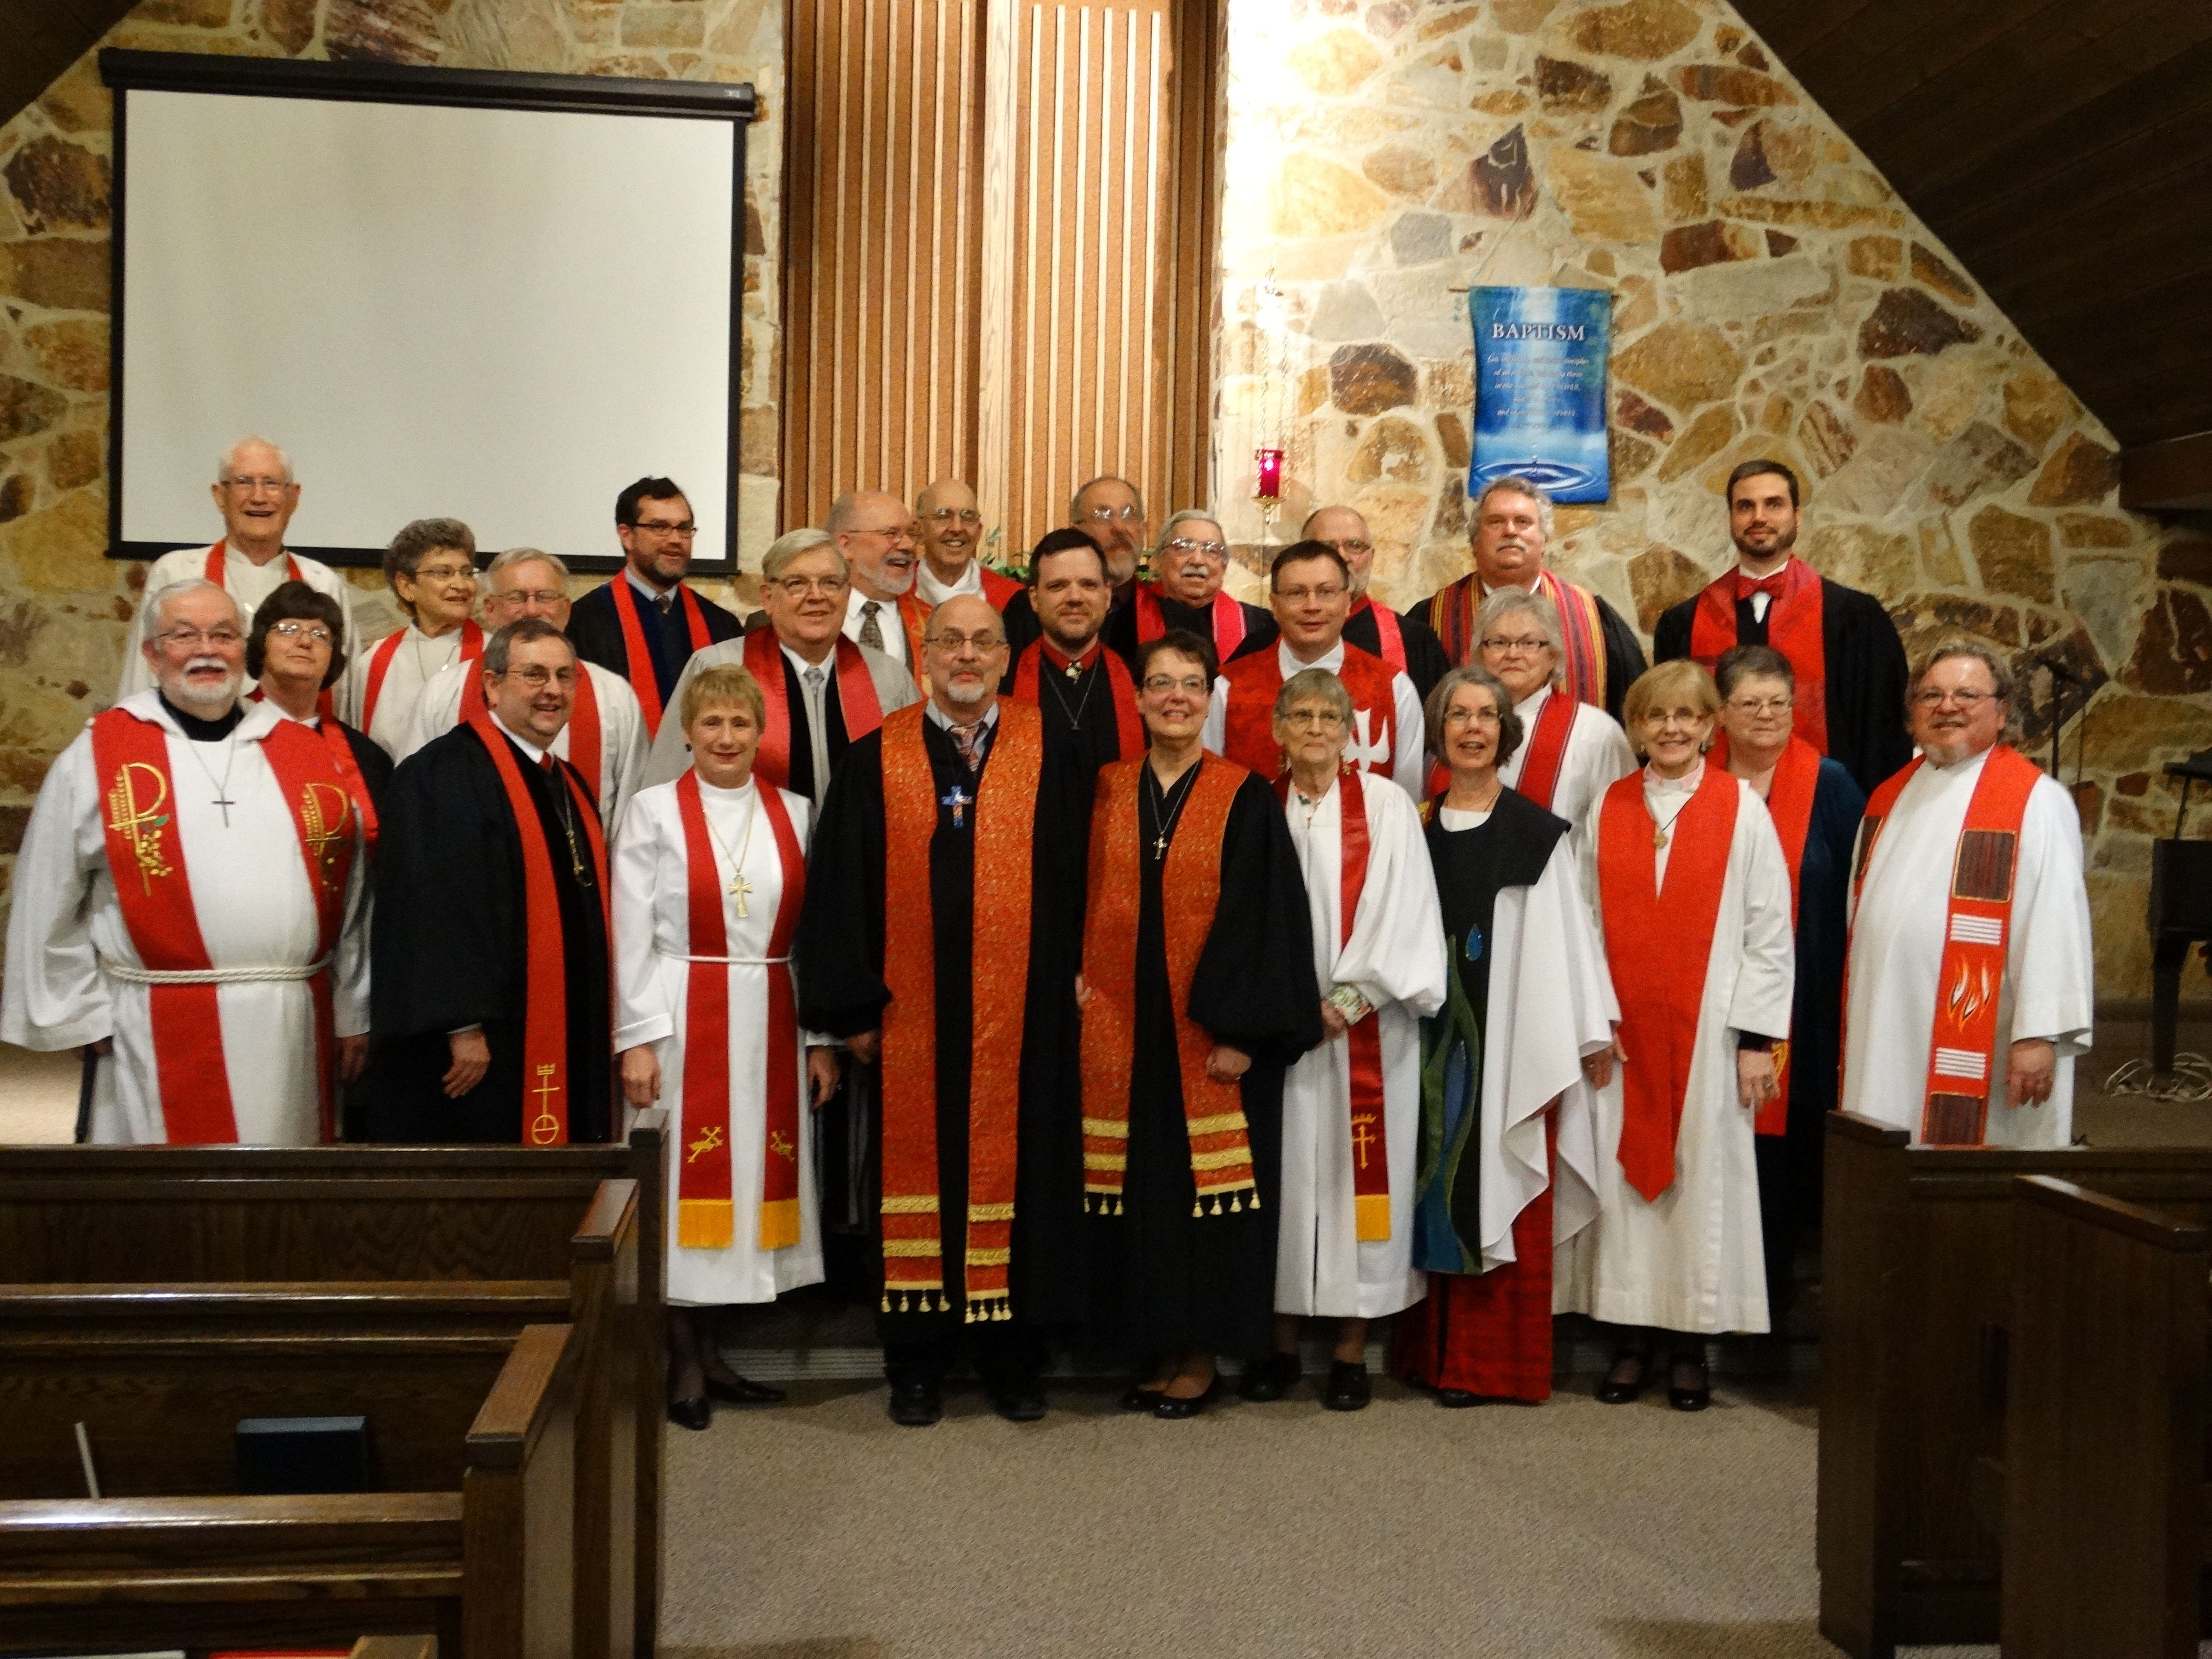 Les Parmenter's ordination